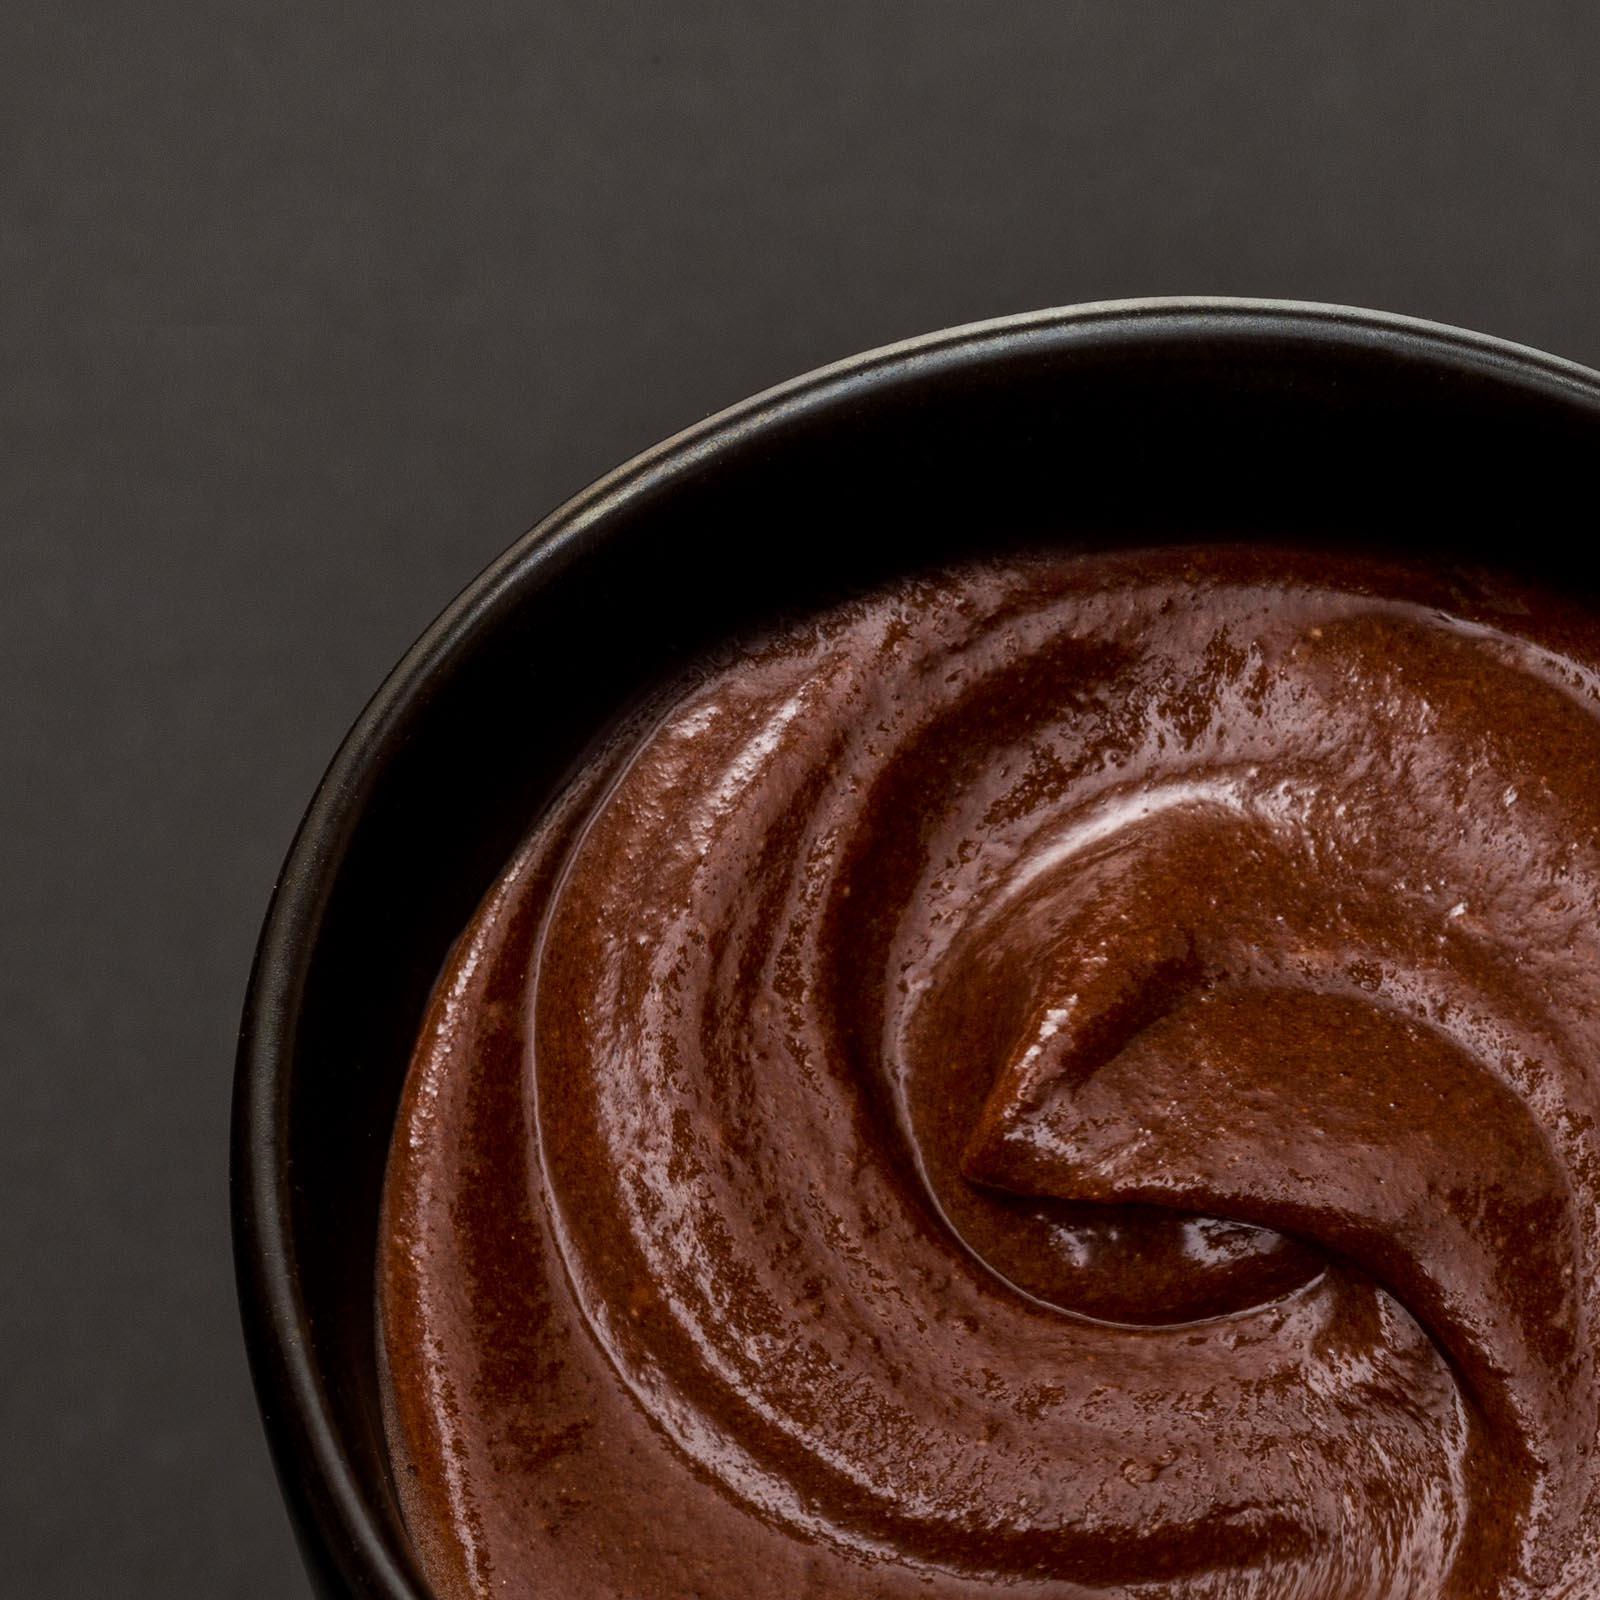 Toman Diet csokis mousse